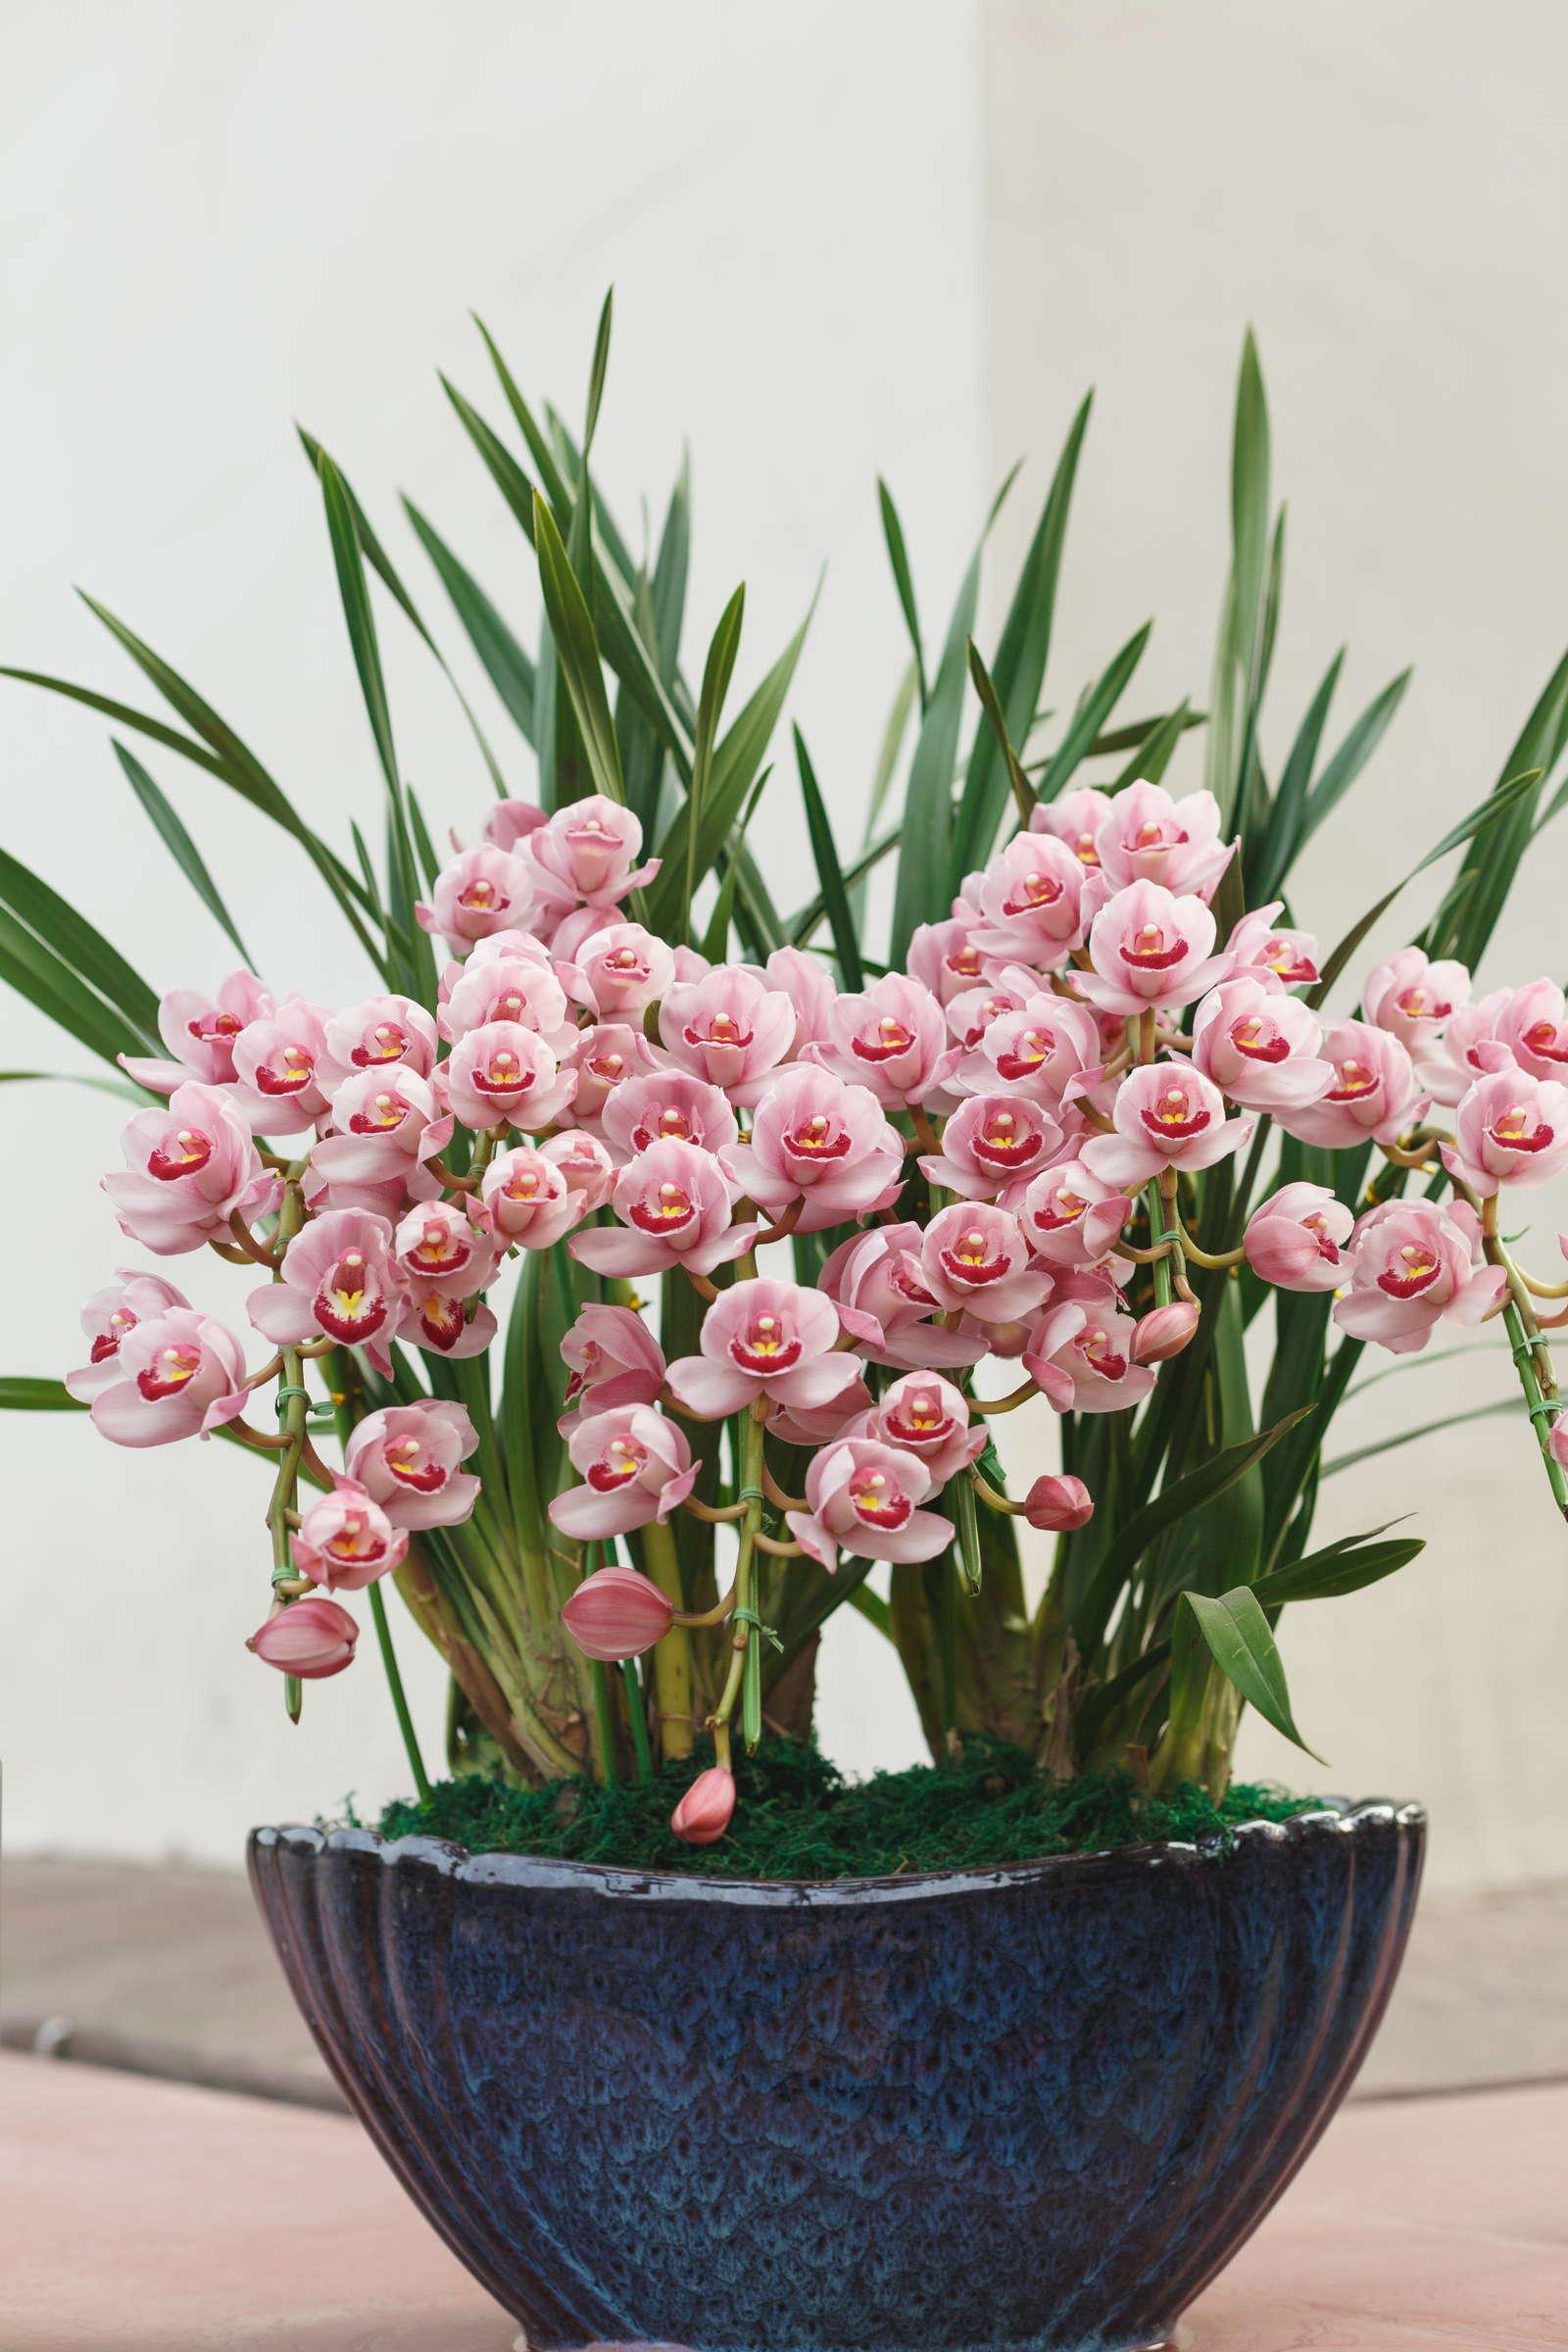 orchideen experten tipps zu kauf standort pflege. Black Bedroom Furniture Sets. Home Design Ideas